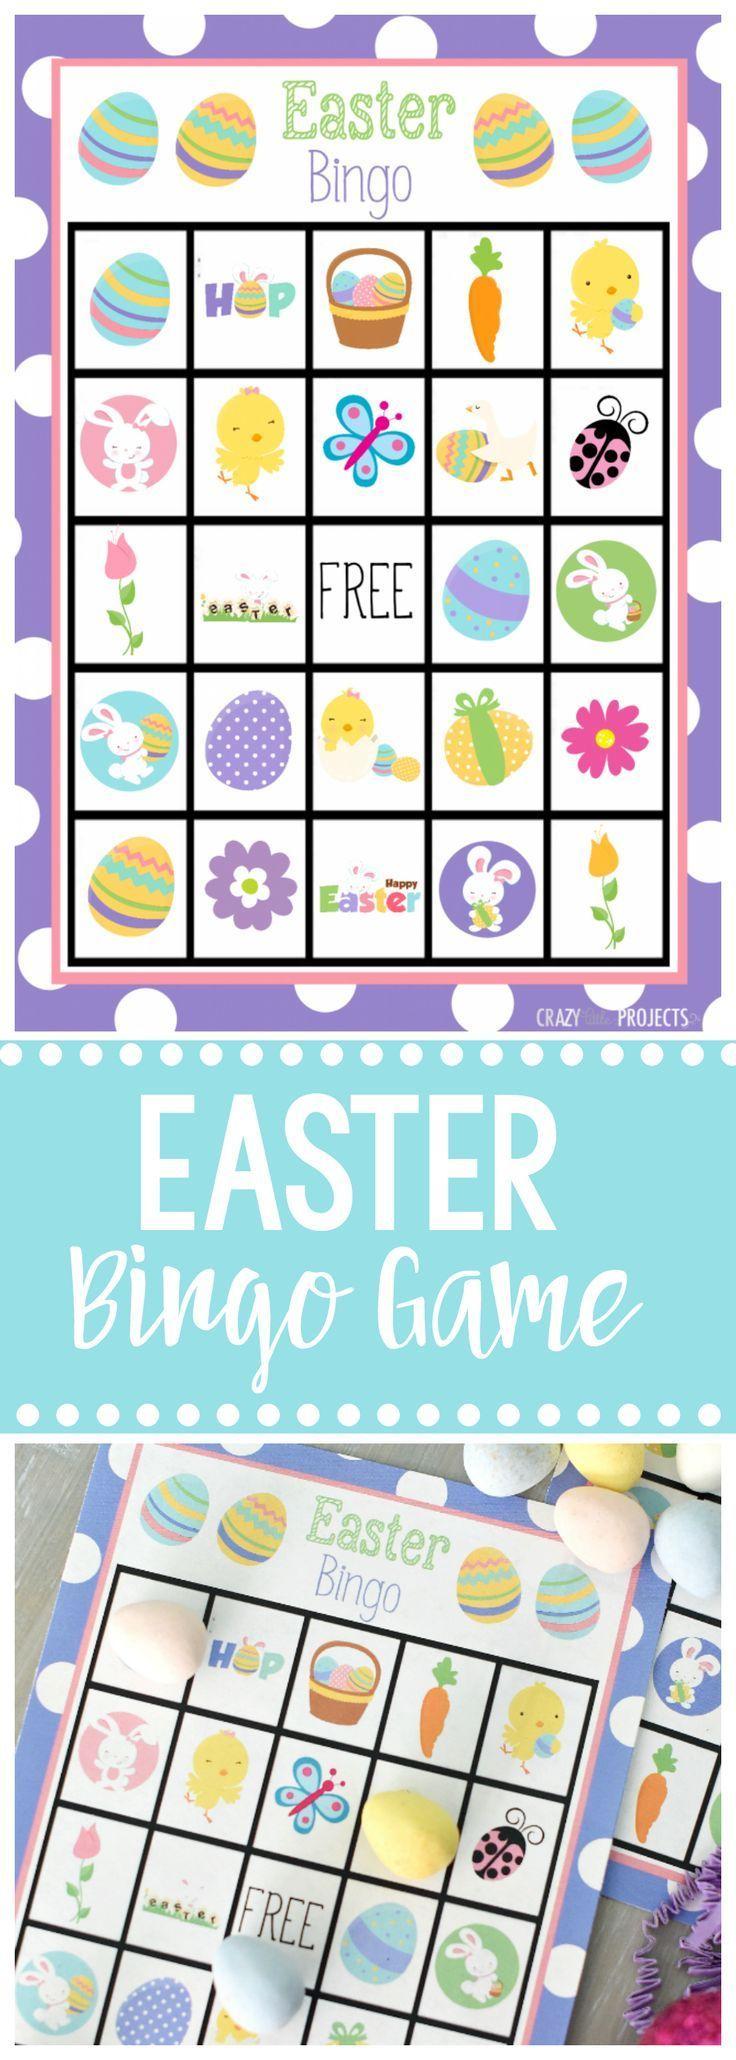 Free Printable Easter Bingo Game   Handvaardigheid Groep 3/4